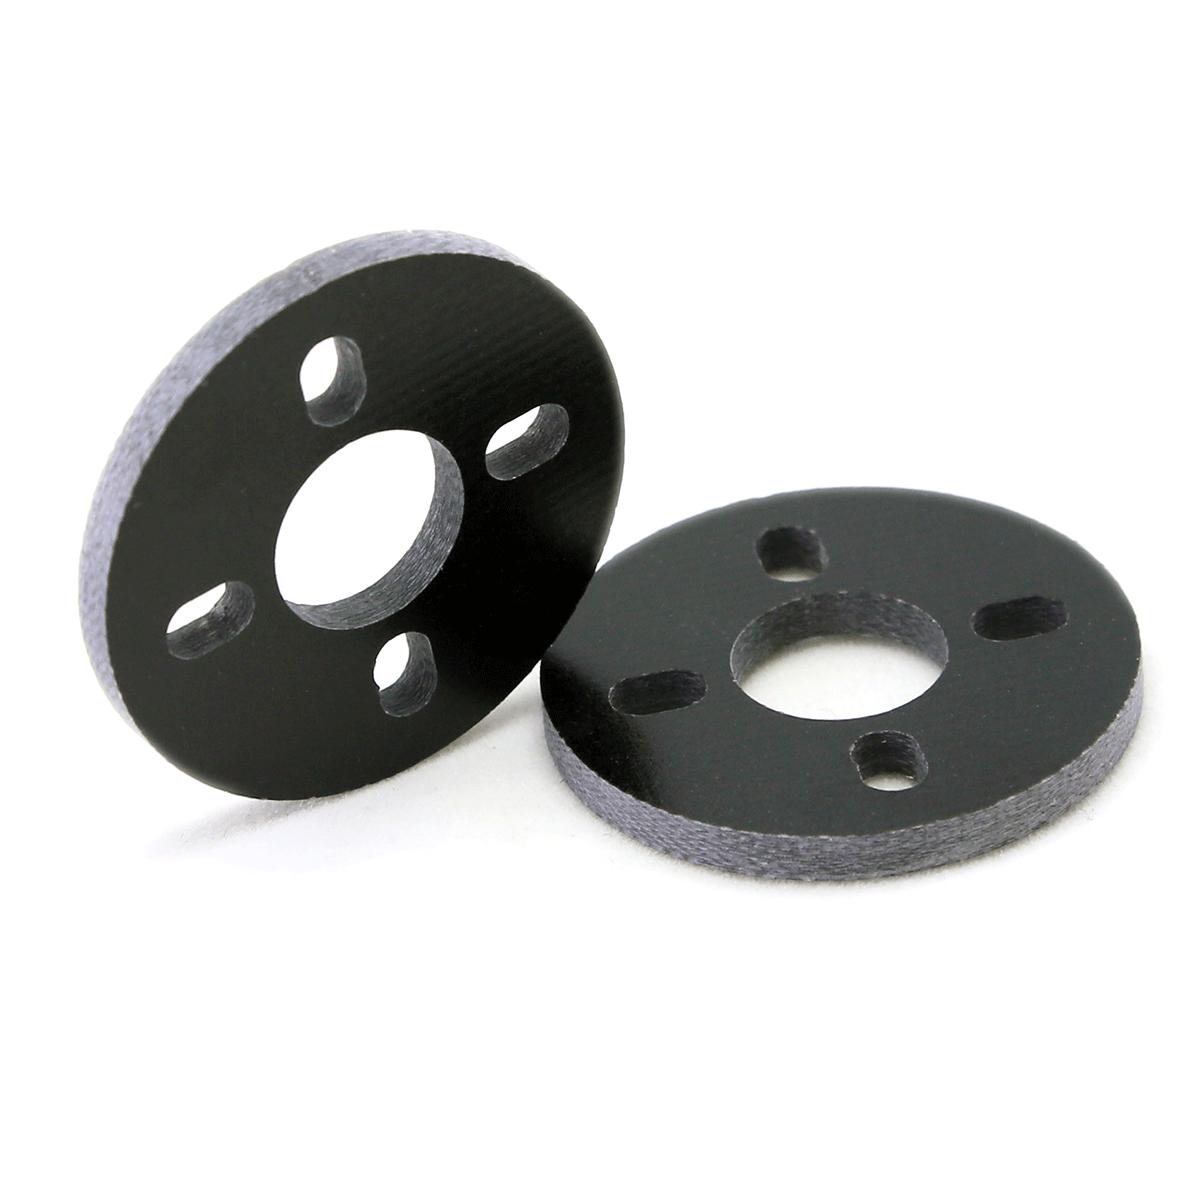 RCExplorer Circle motor mount